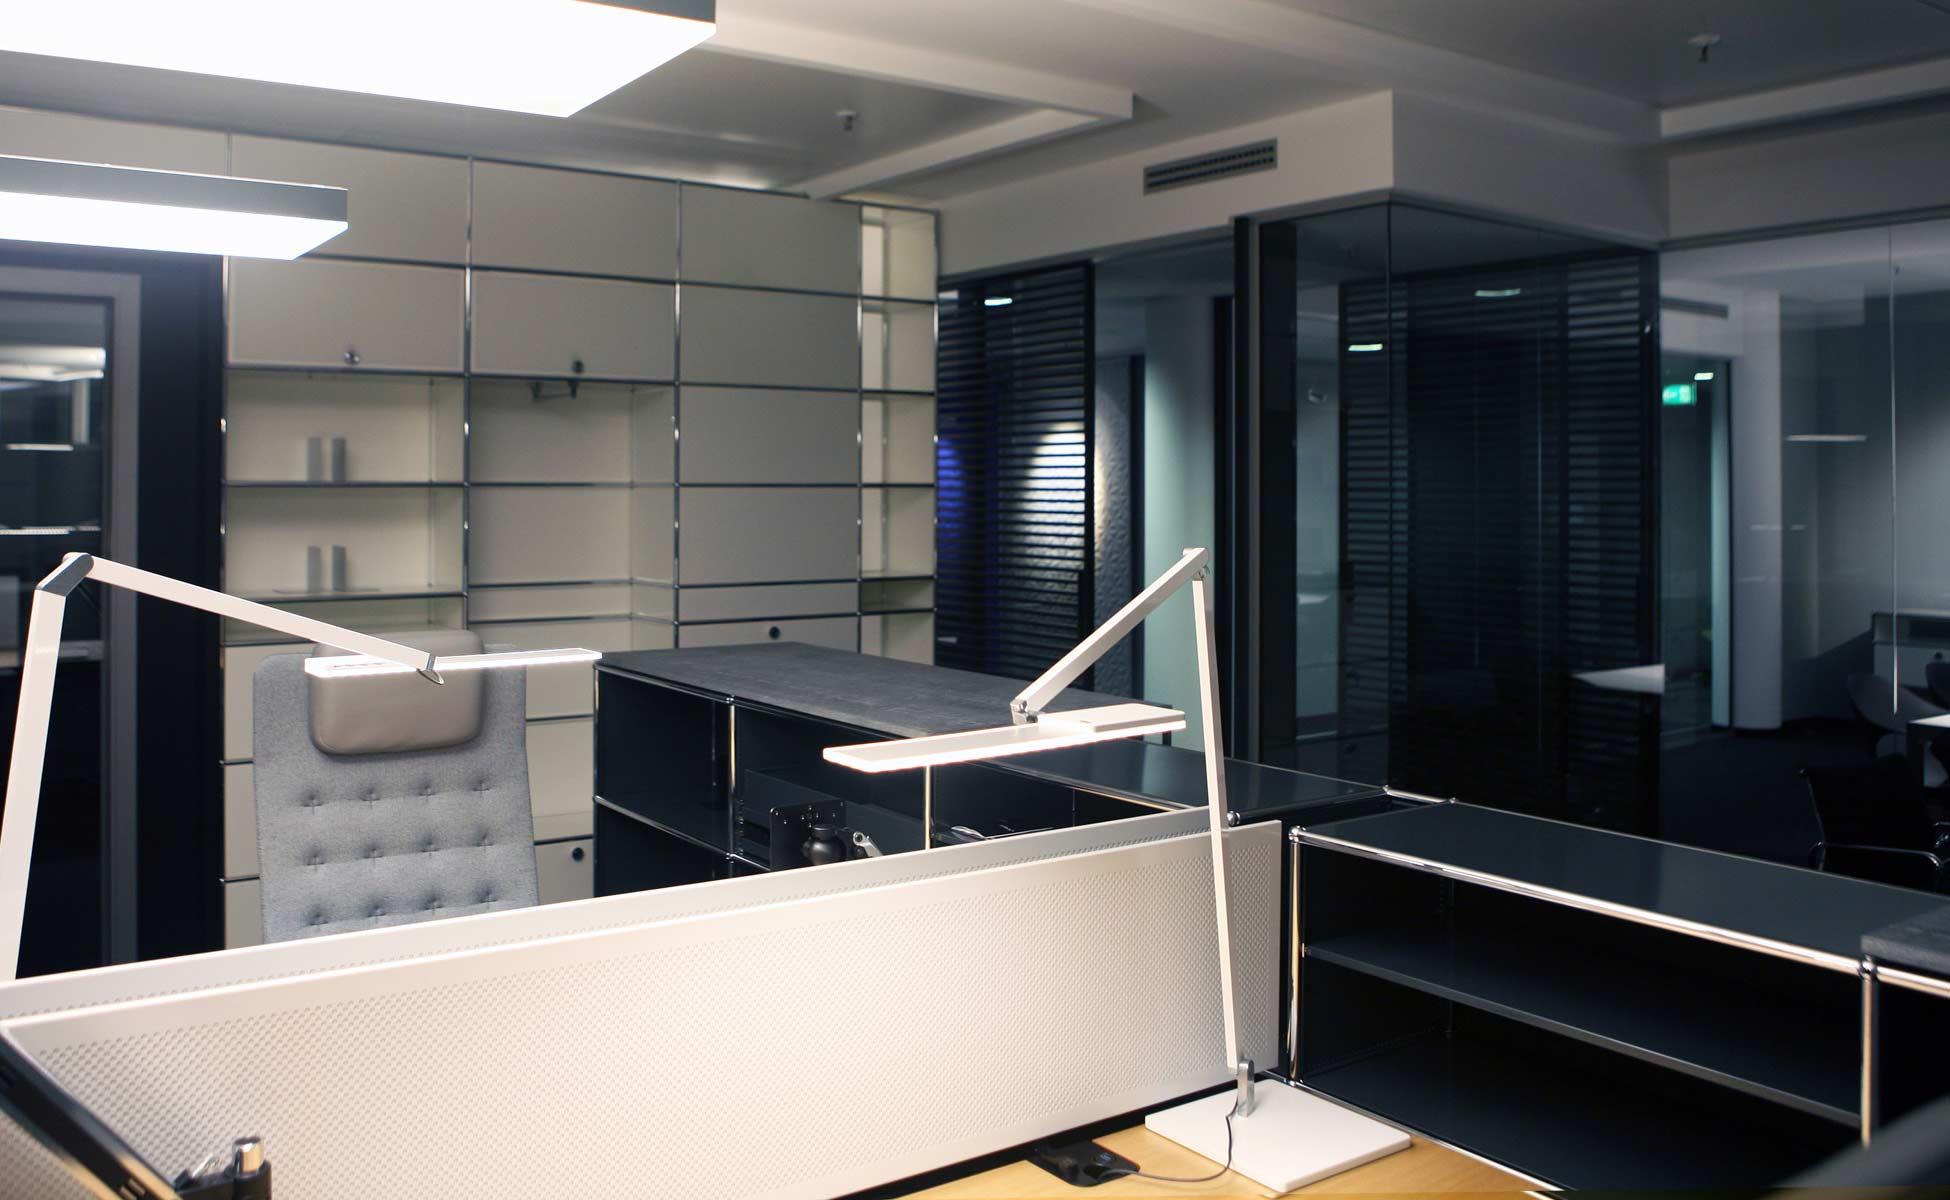 usm möbelbausysteme sekretariat + nimbus leuchten by steidten+ in berlin